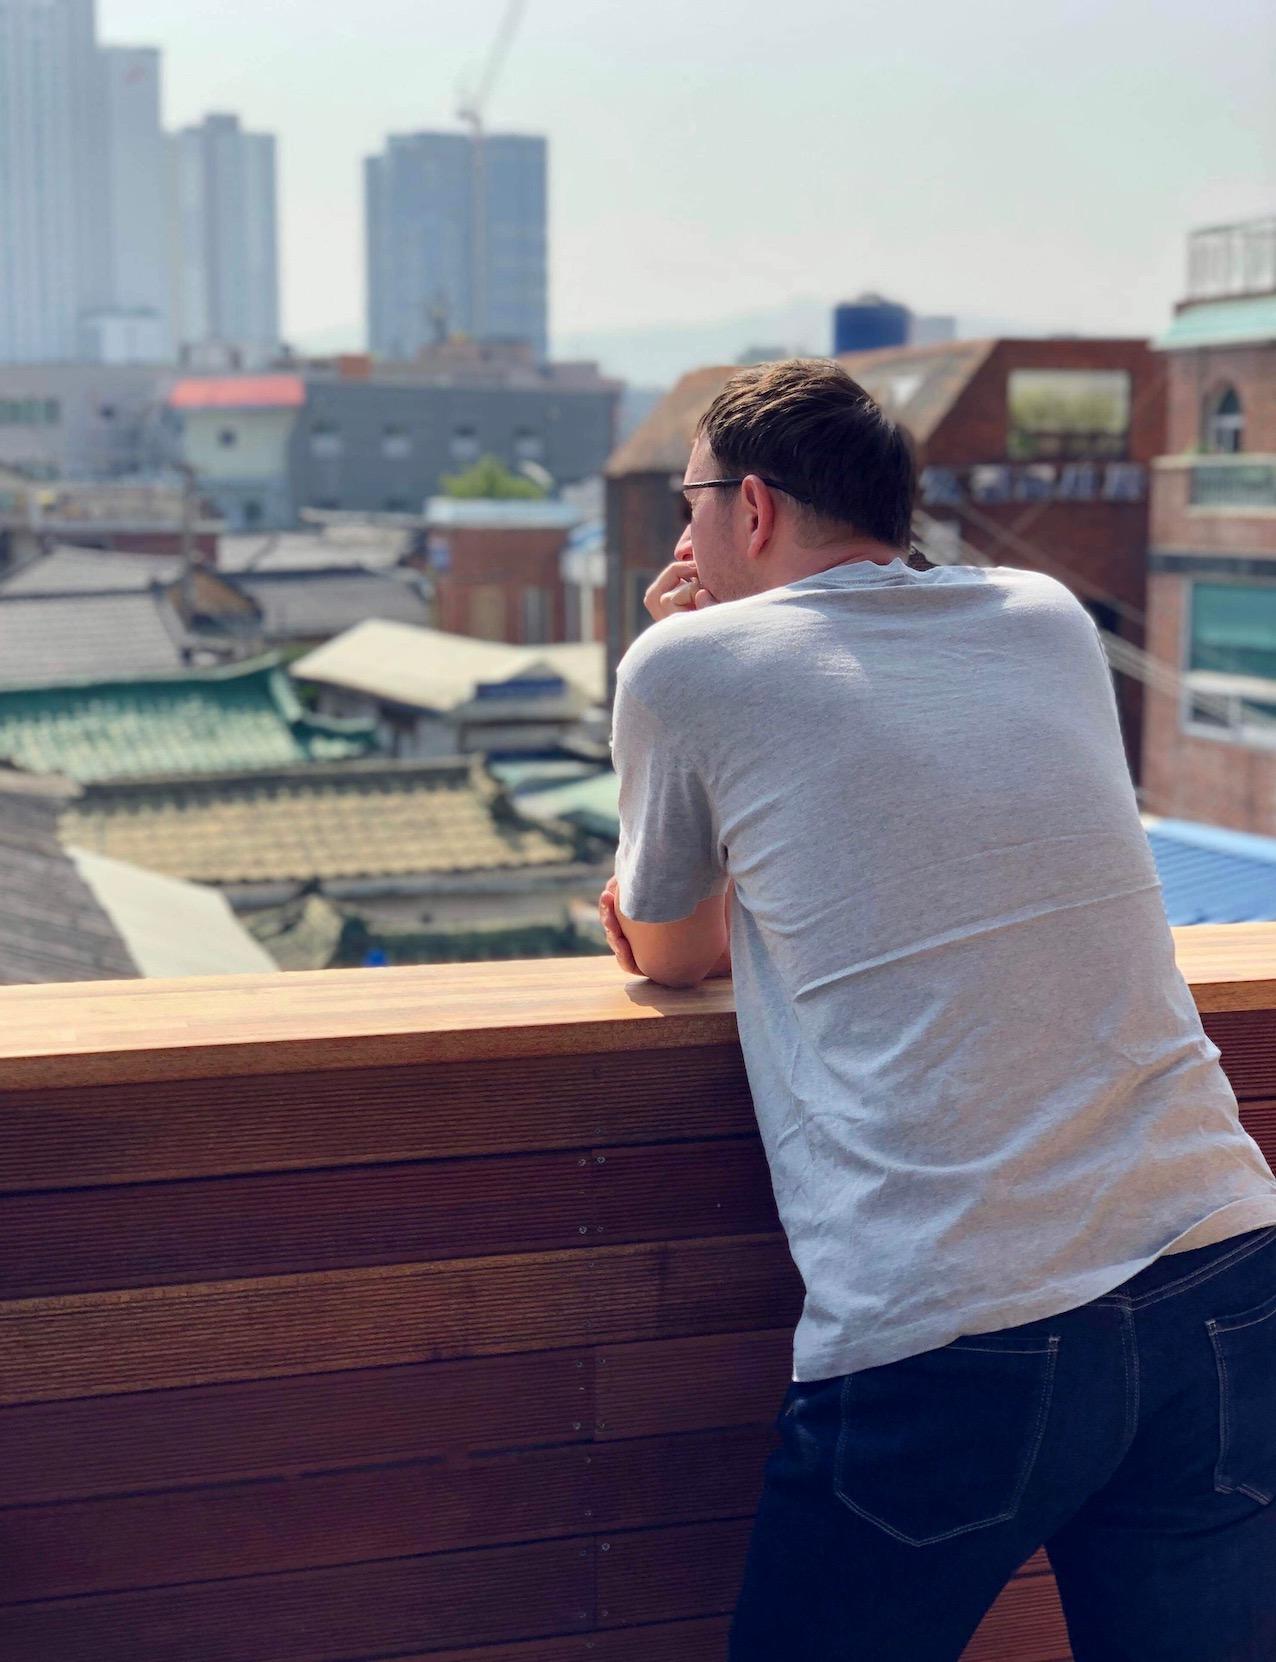 Things to see and do Daegu South Korea. Travel blogger Korea.